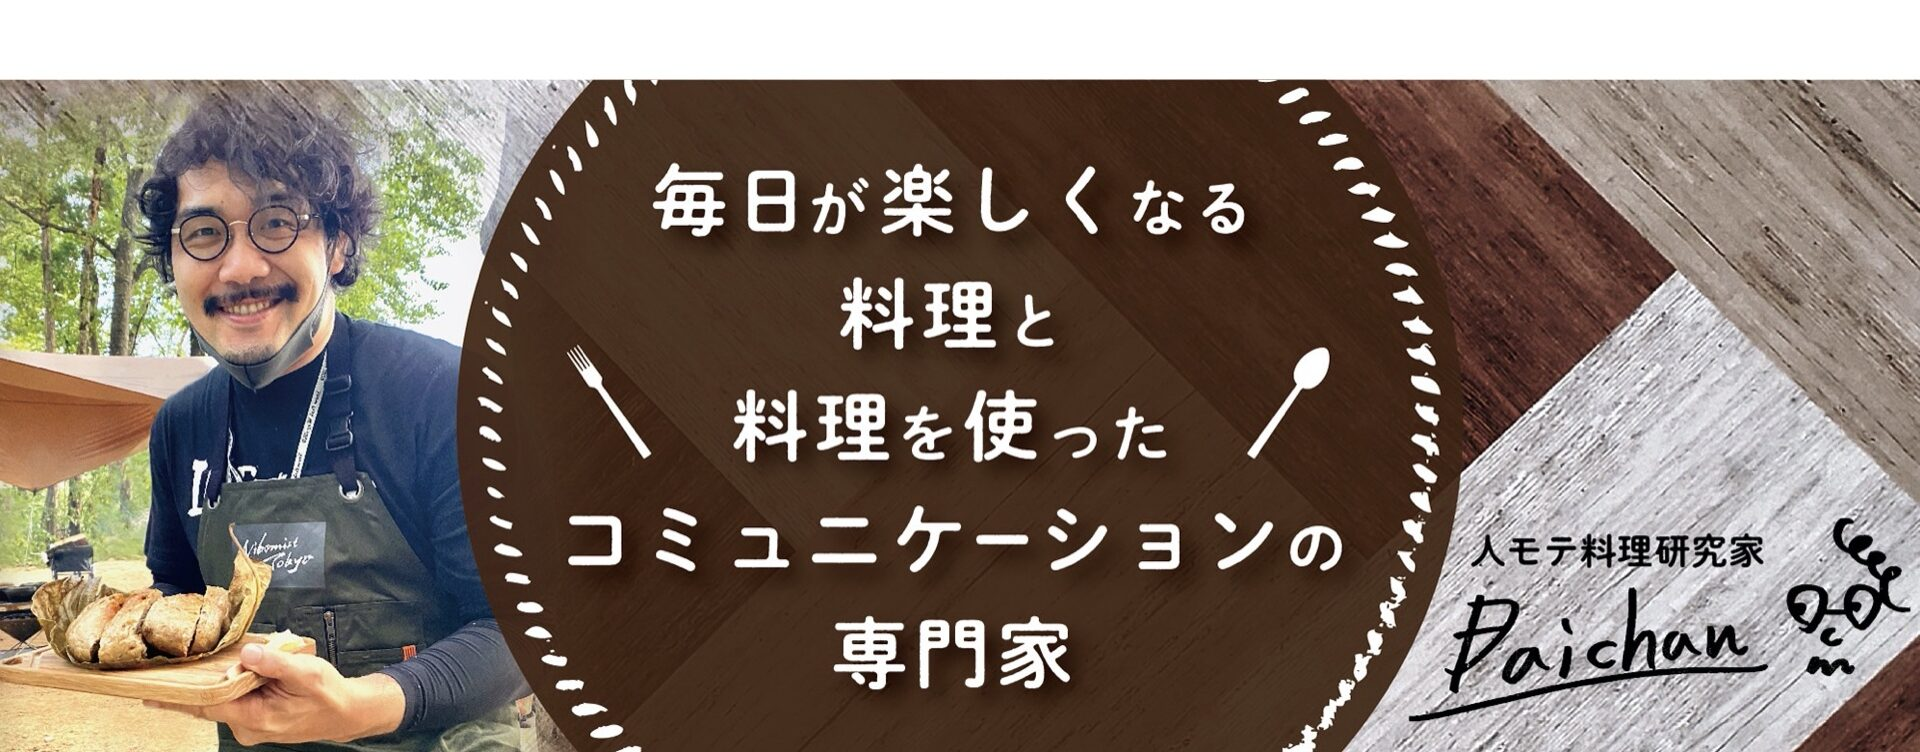 ダイちゃん 公式ブログ